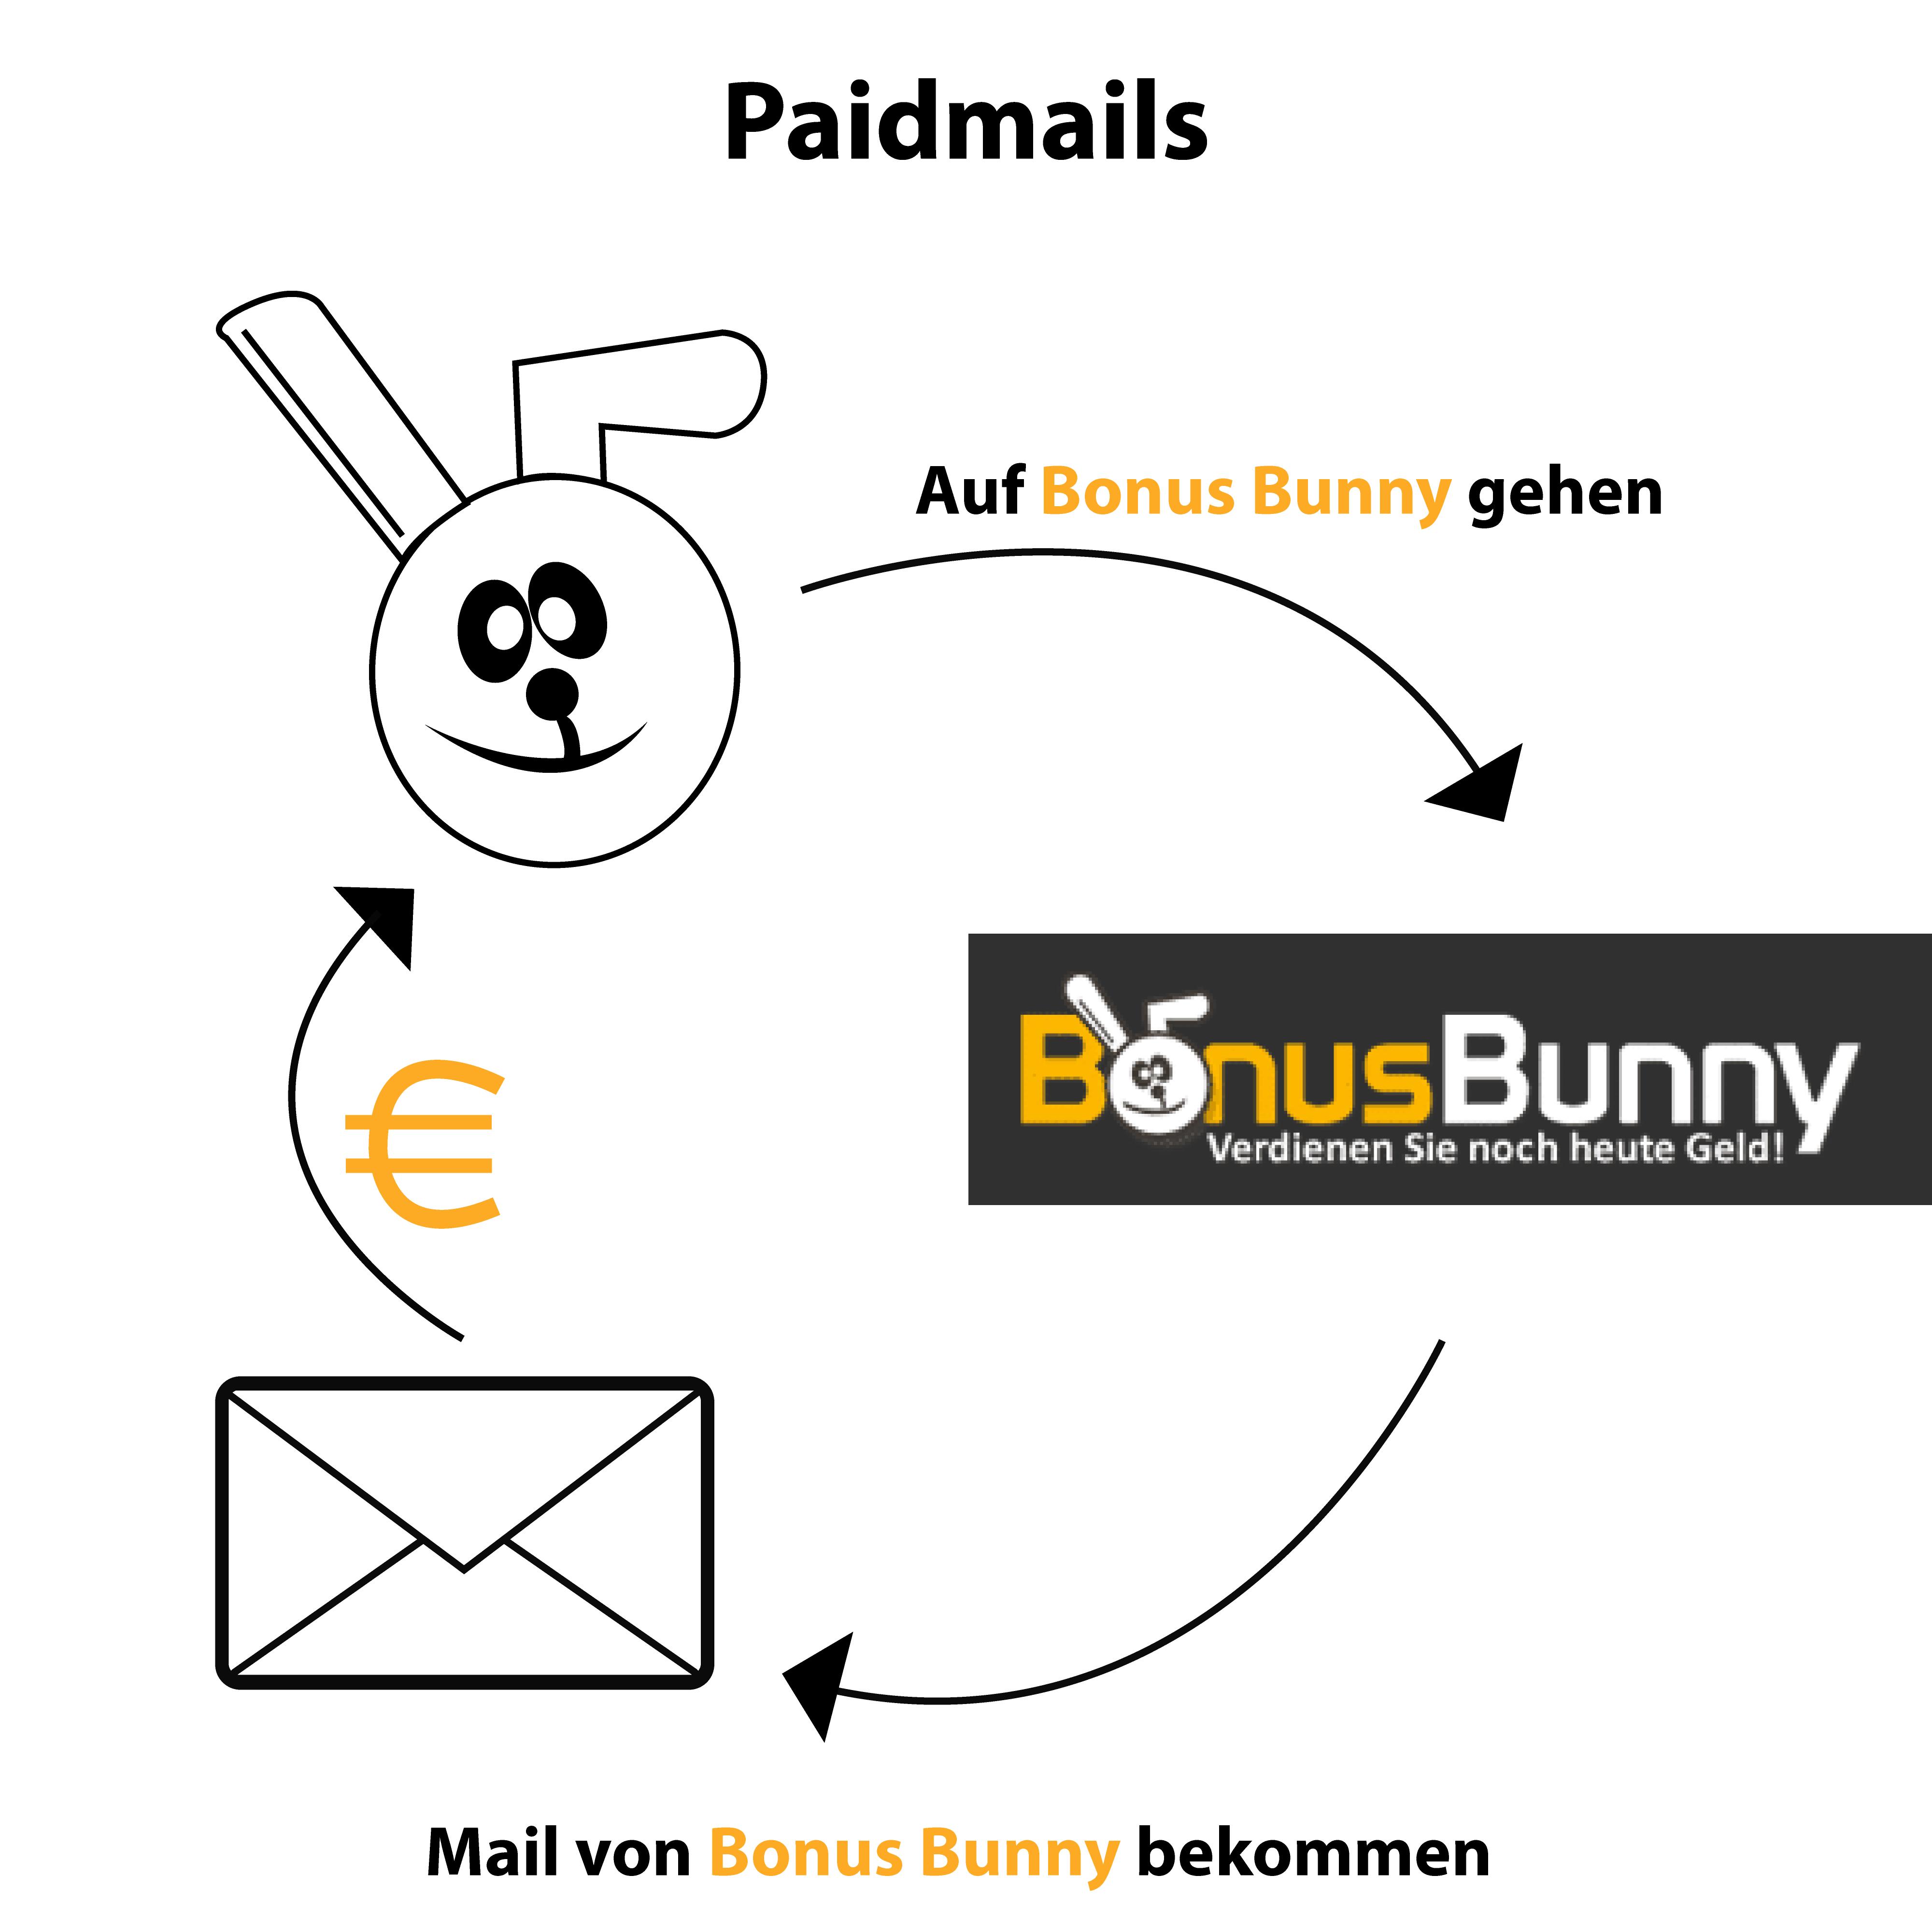 mit-paidmails-geld-zu-verdienen